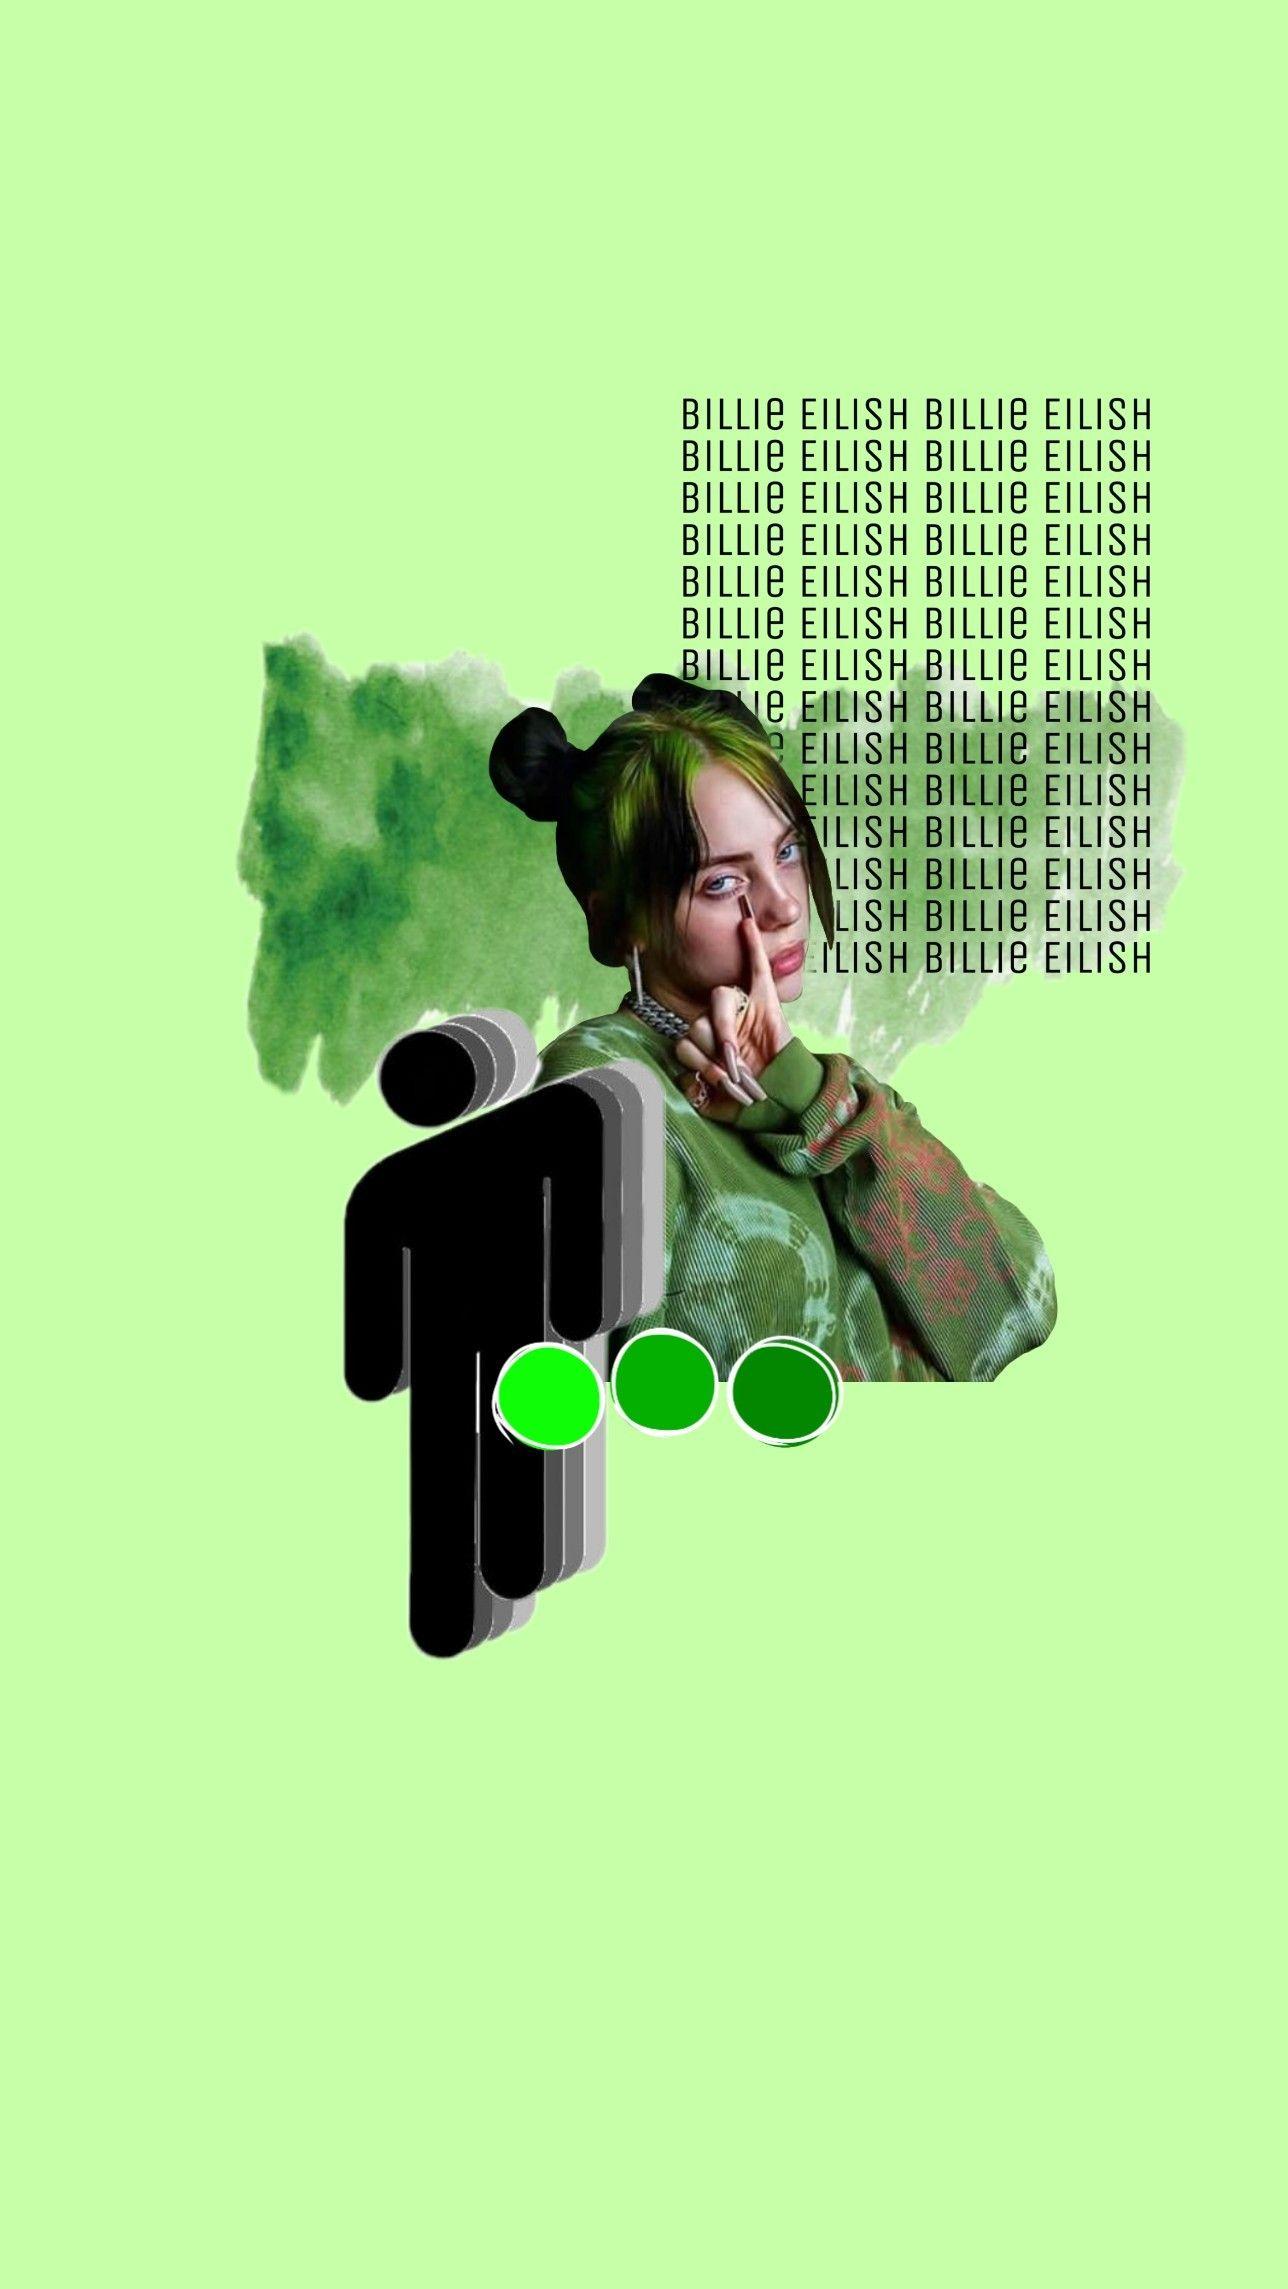 Billie eilish wallpaper green